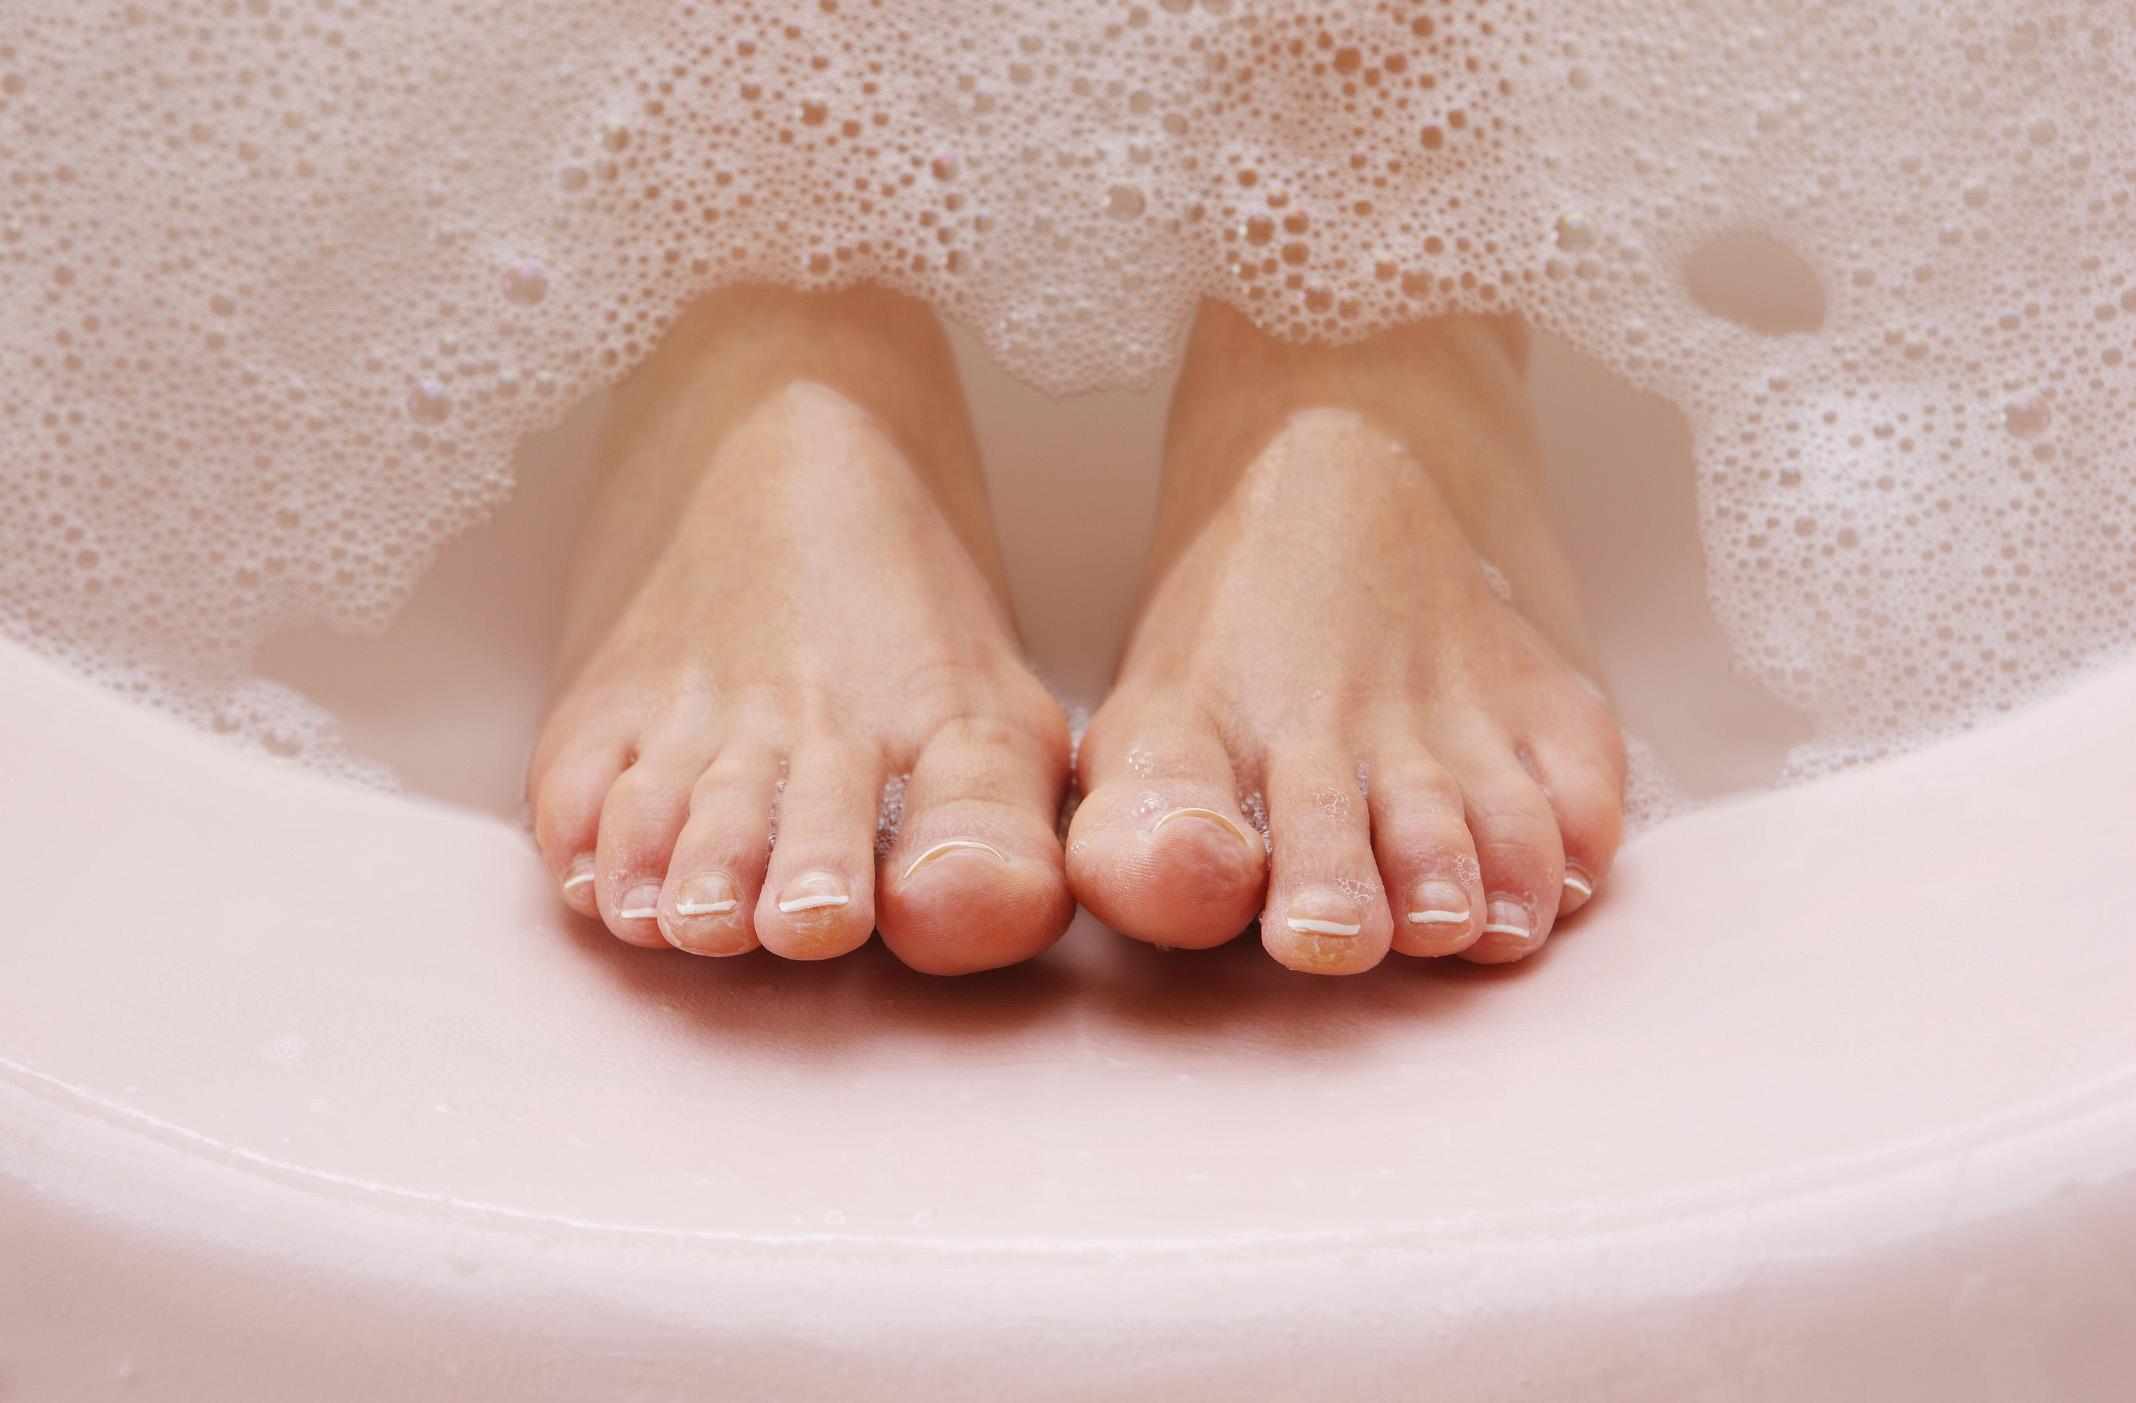 mi kezelik az ízületi fájdalmakat térdízület pellegrini betegség